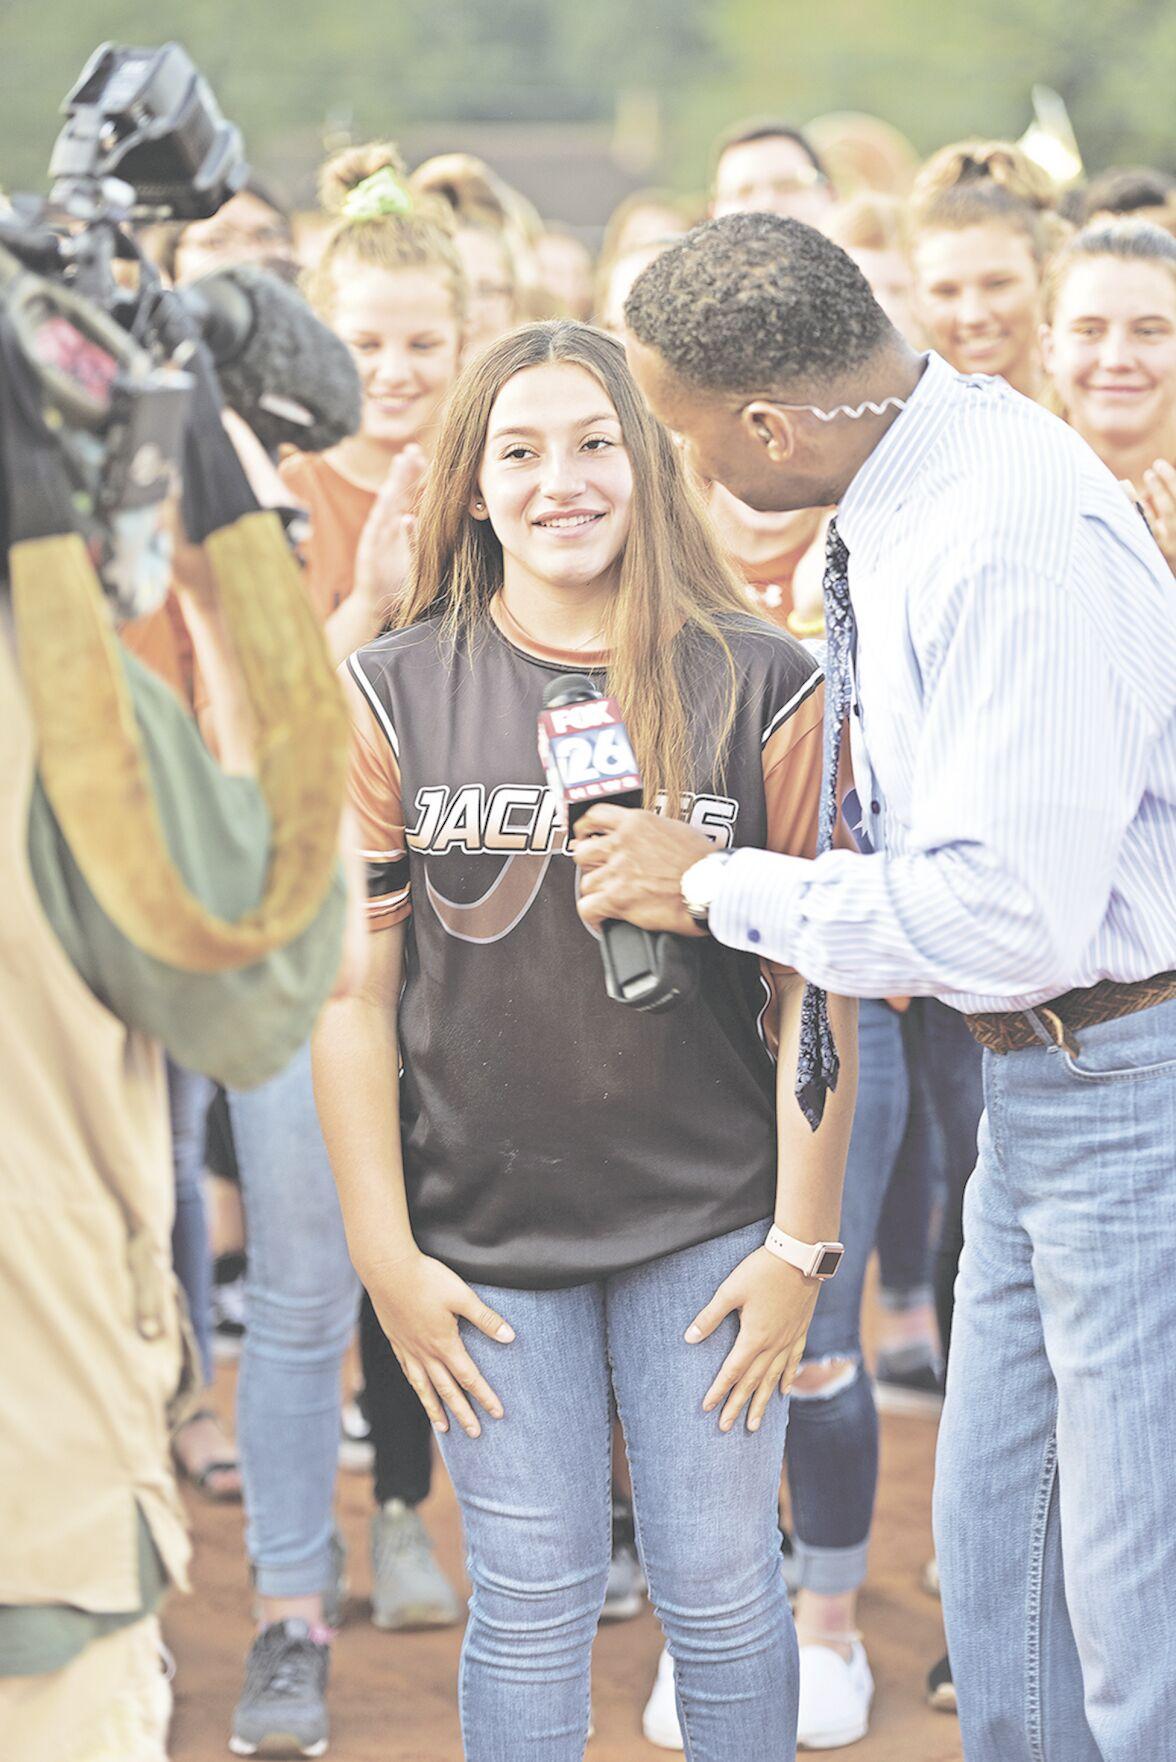 Aguirre interviewed